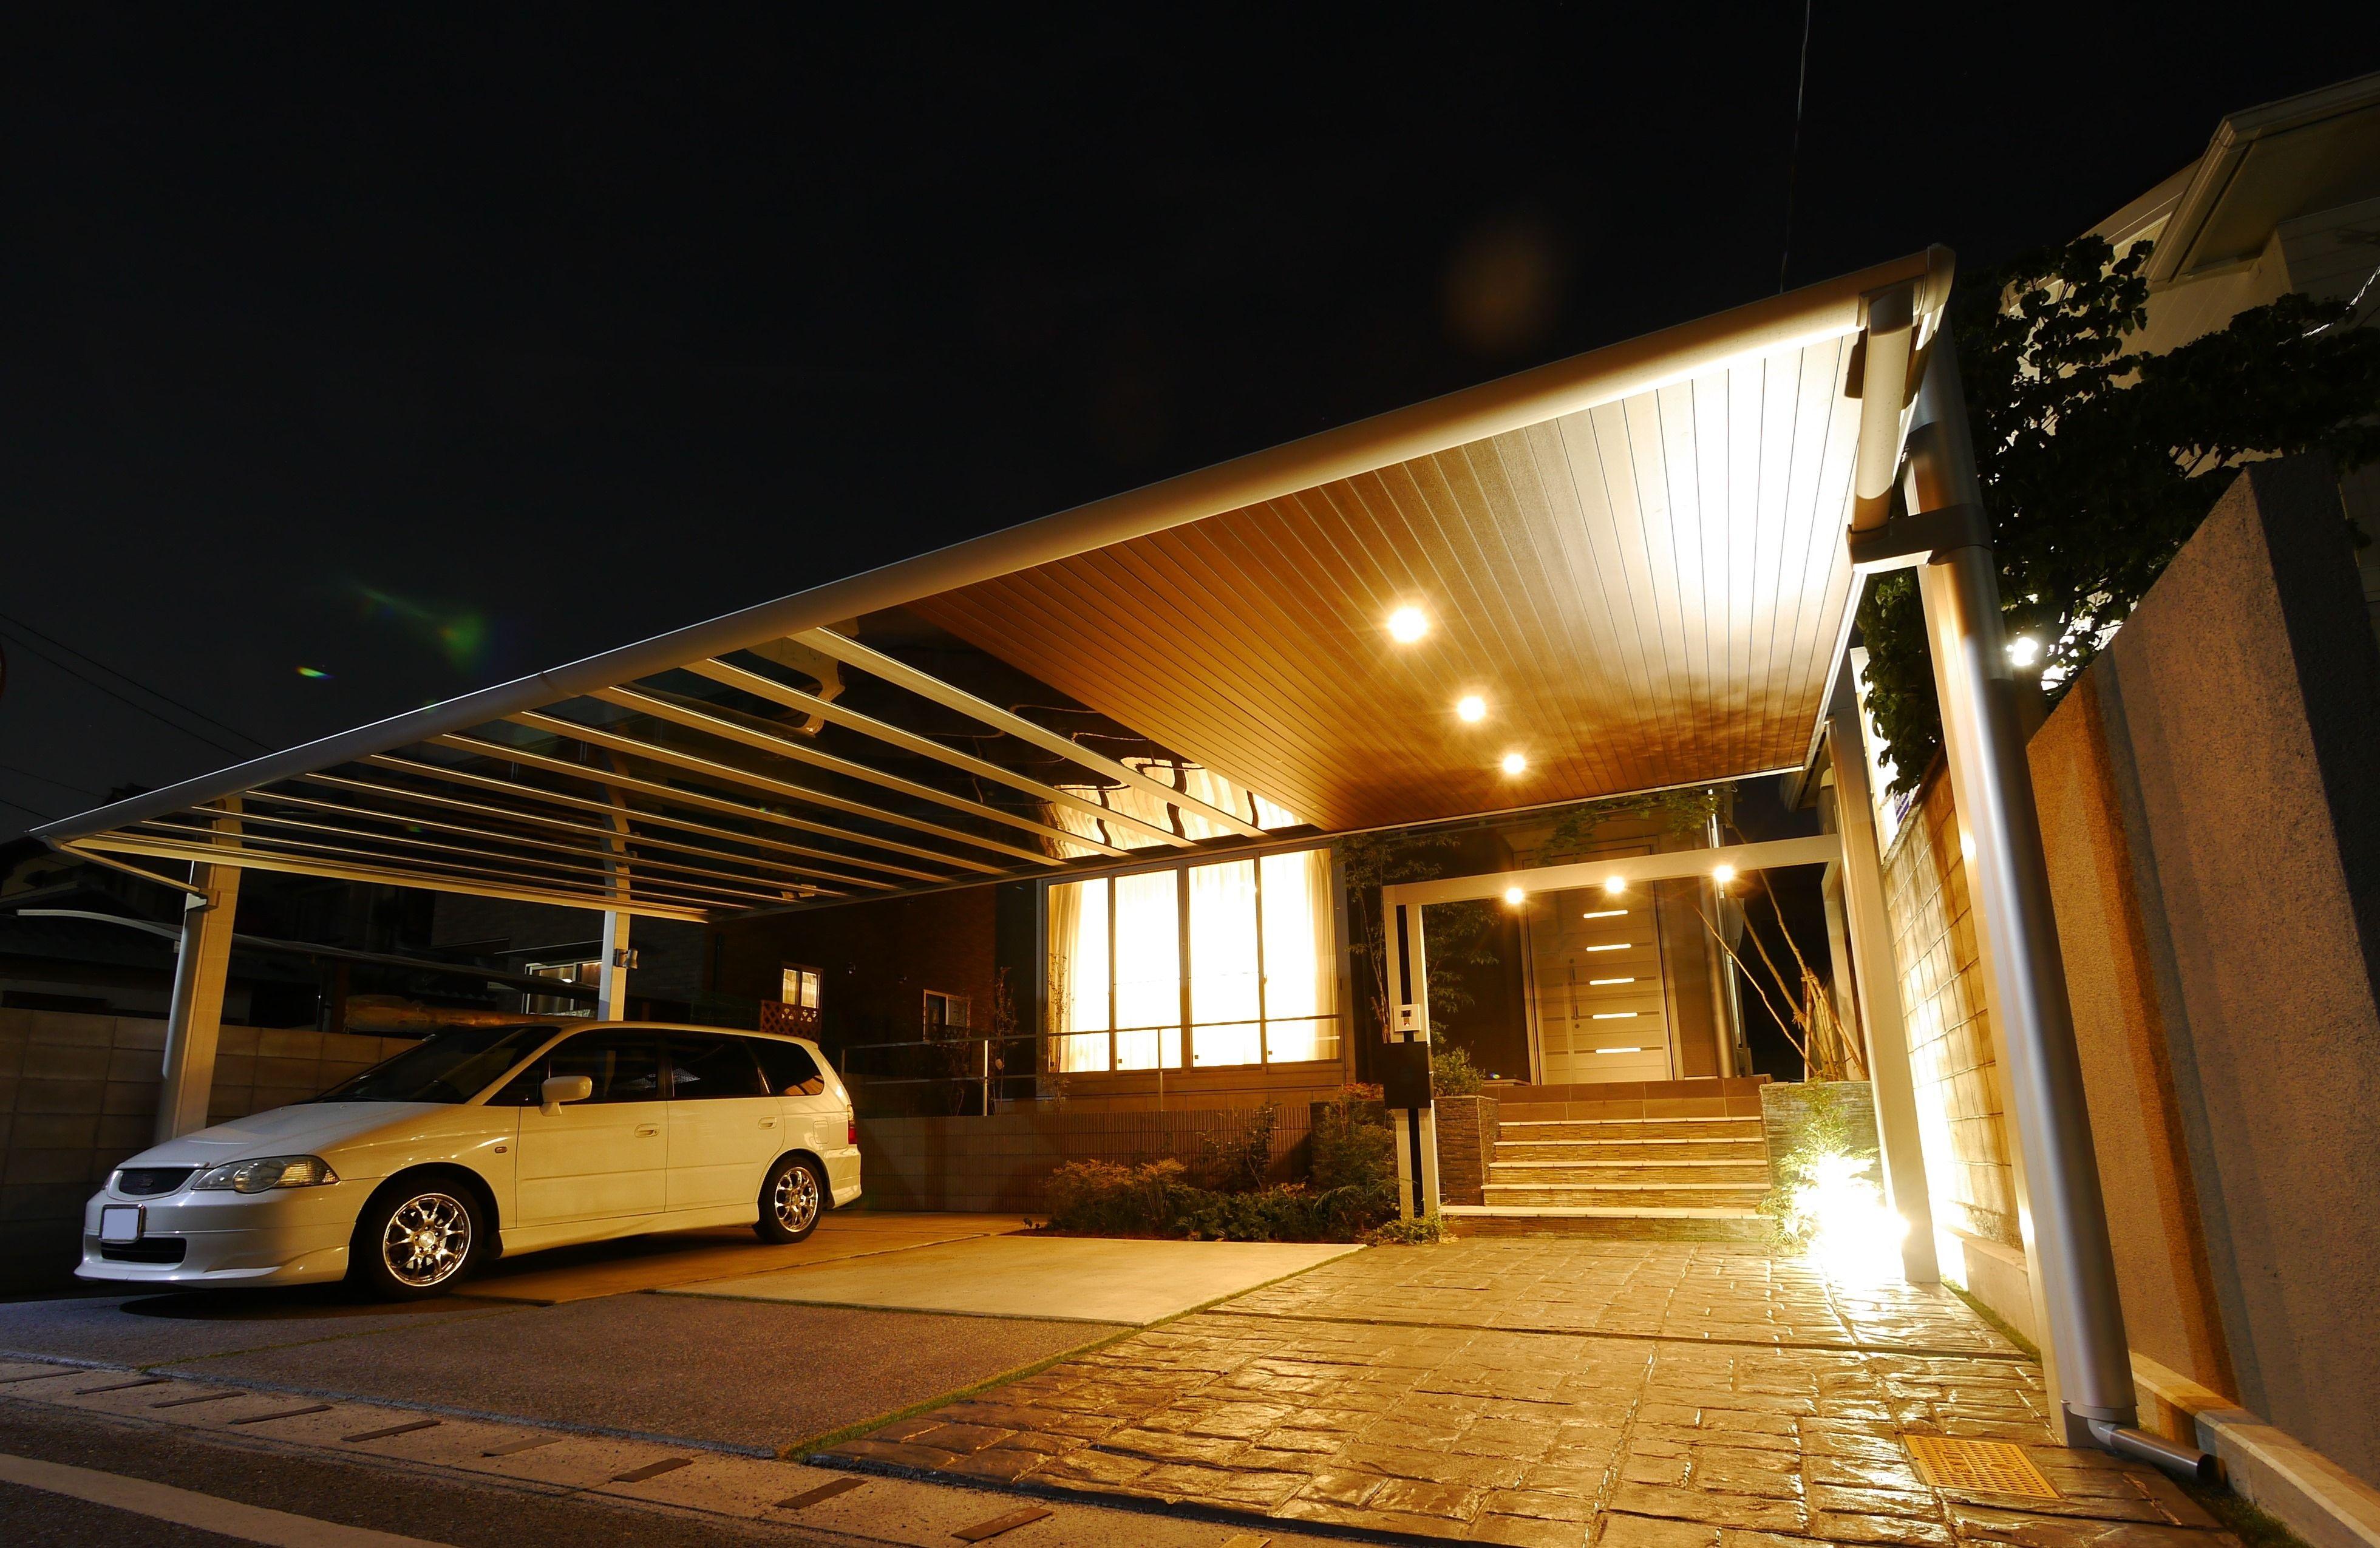 オシャレなカーポート 駐車場大特集 スタイリッシュなカーポート8選